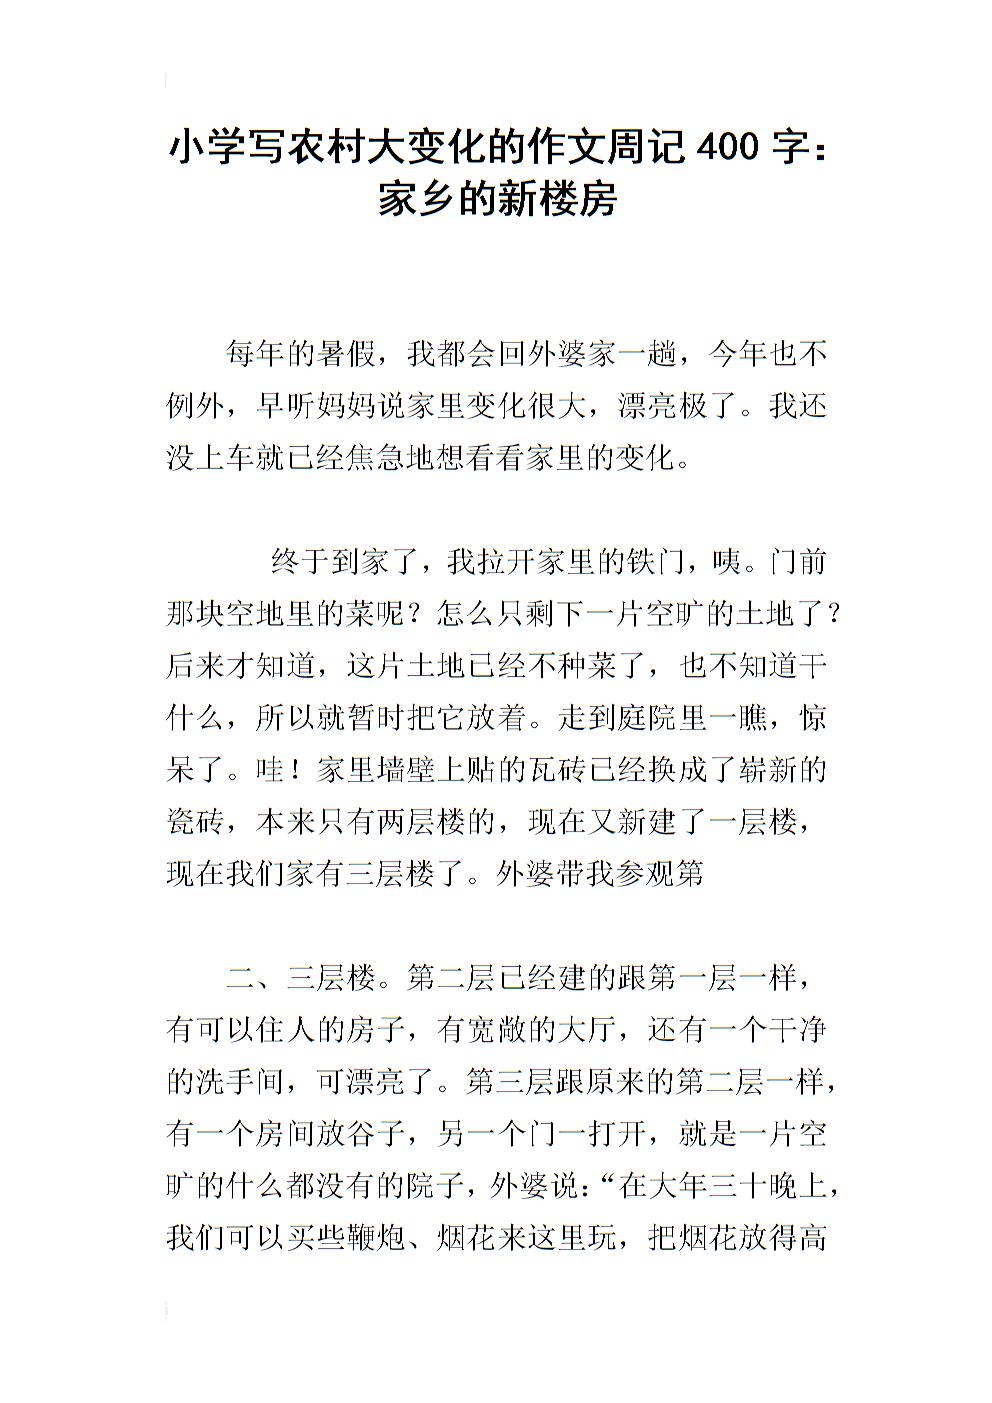 小学写农村大变化的作文周记400字:家乡的新楼房.docx